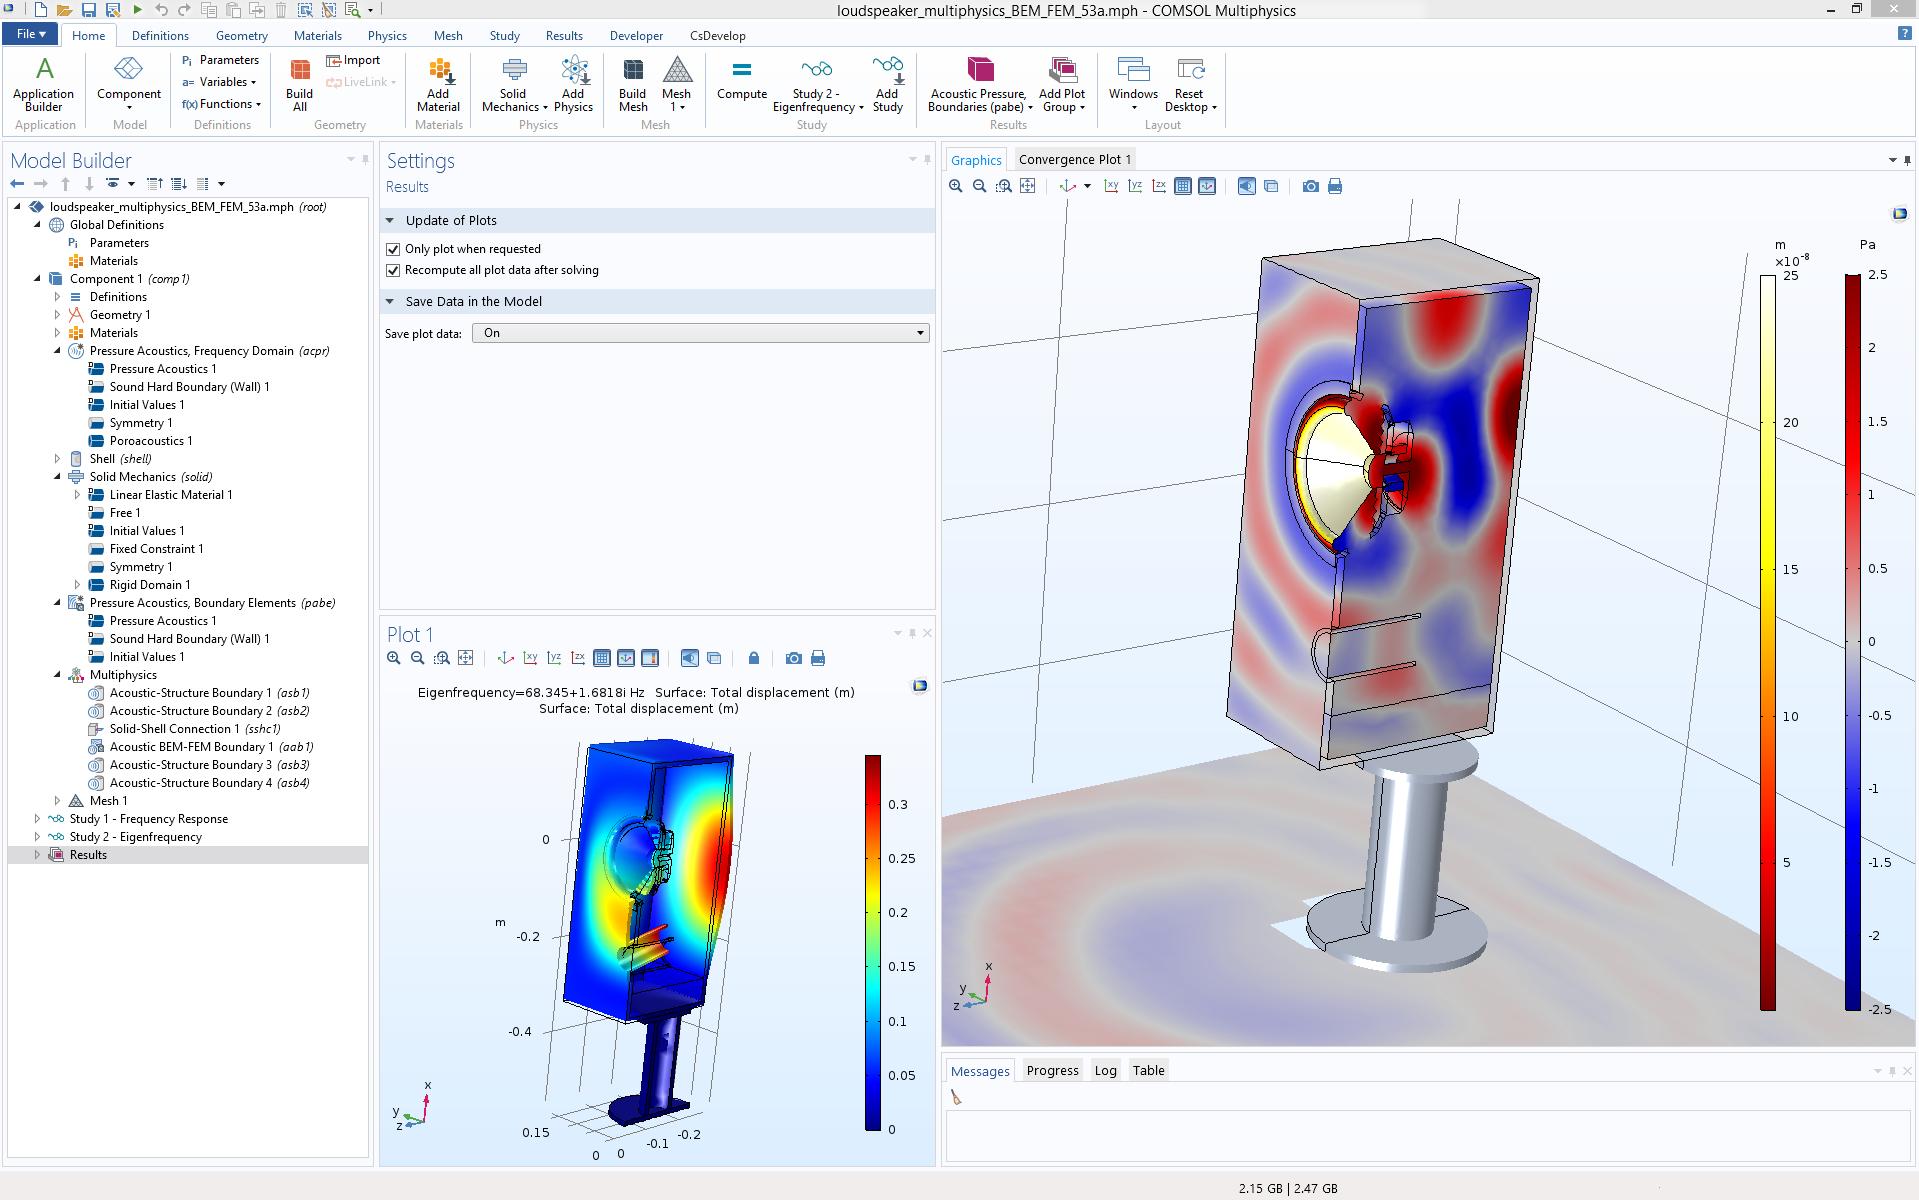 图片显示了 COMSOL Multiphysics® 软件中的扬声器多物理场模型。